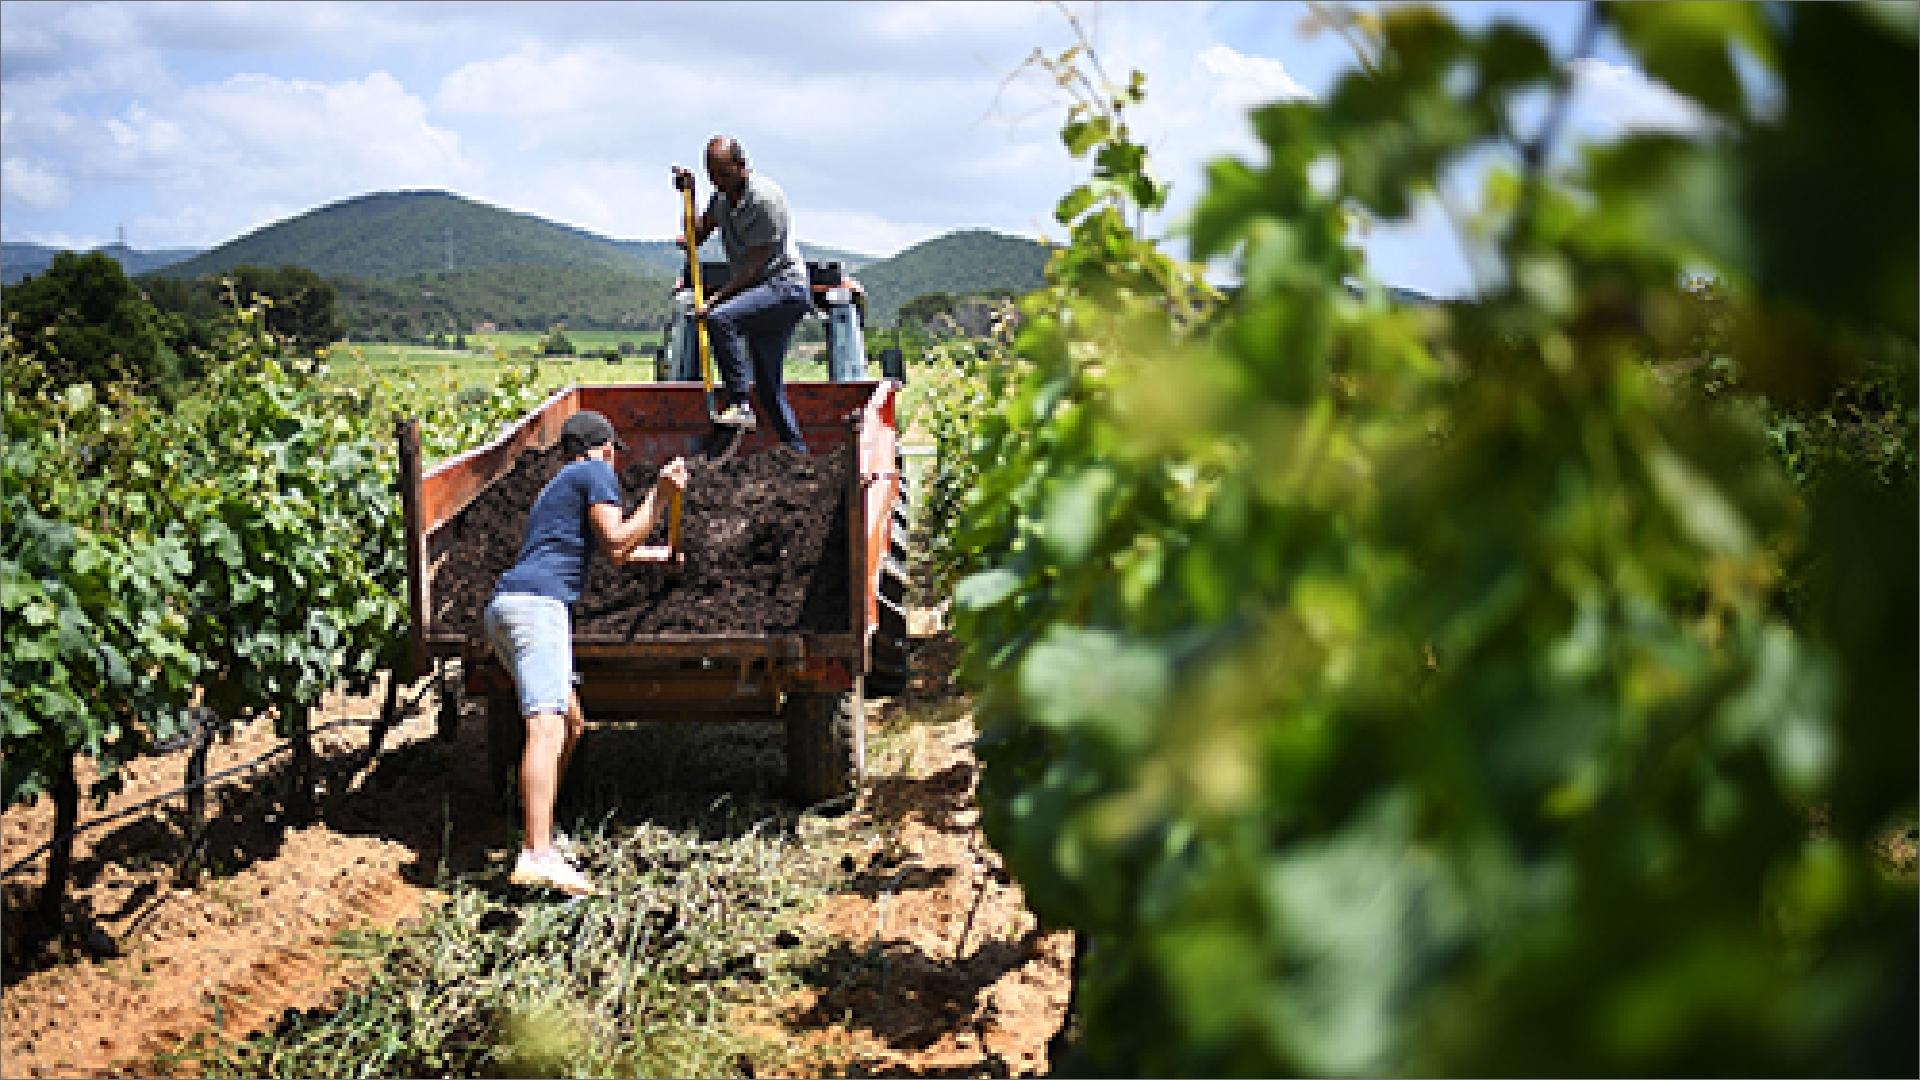 Farmers harvesting grapes at a vineyard